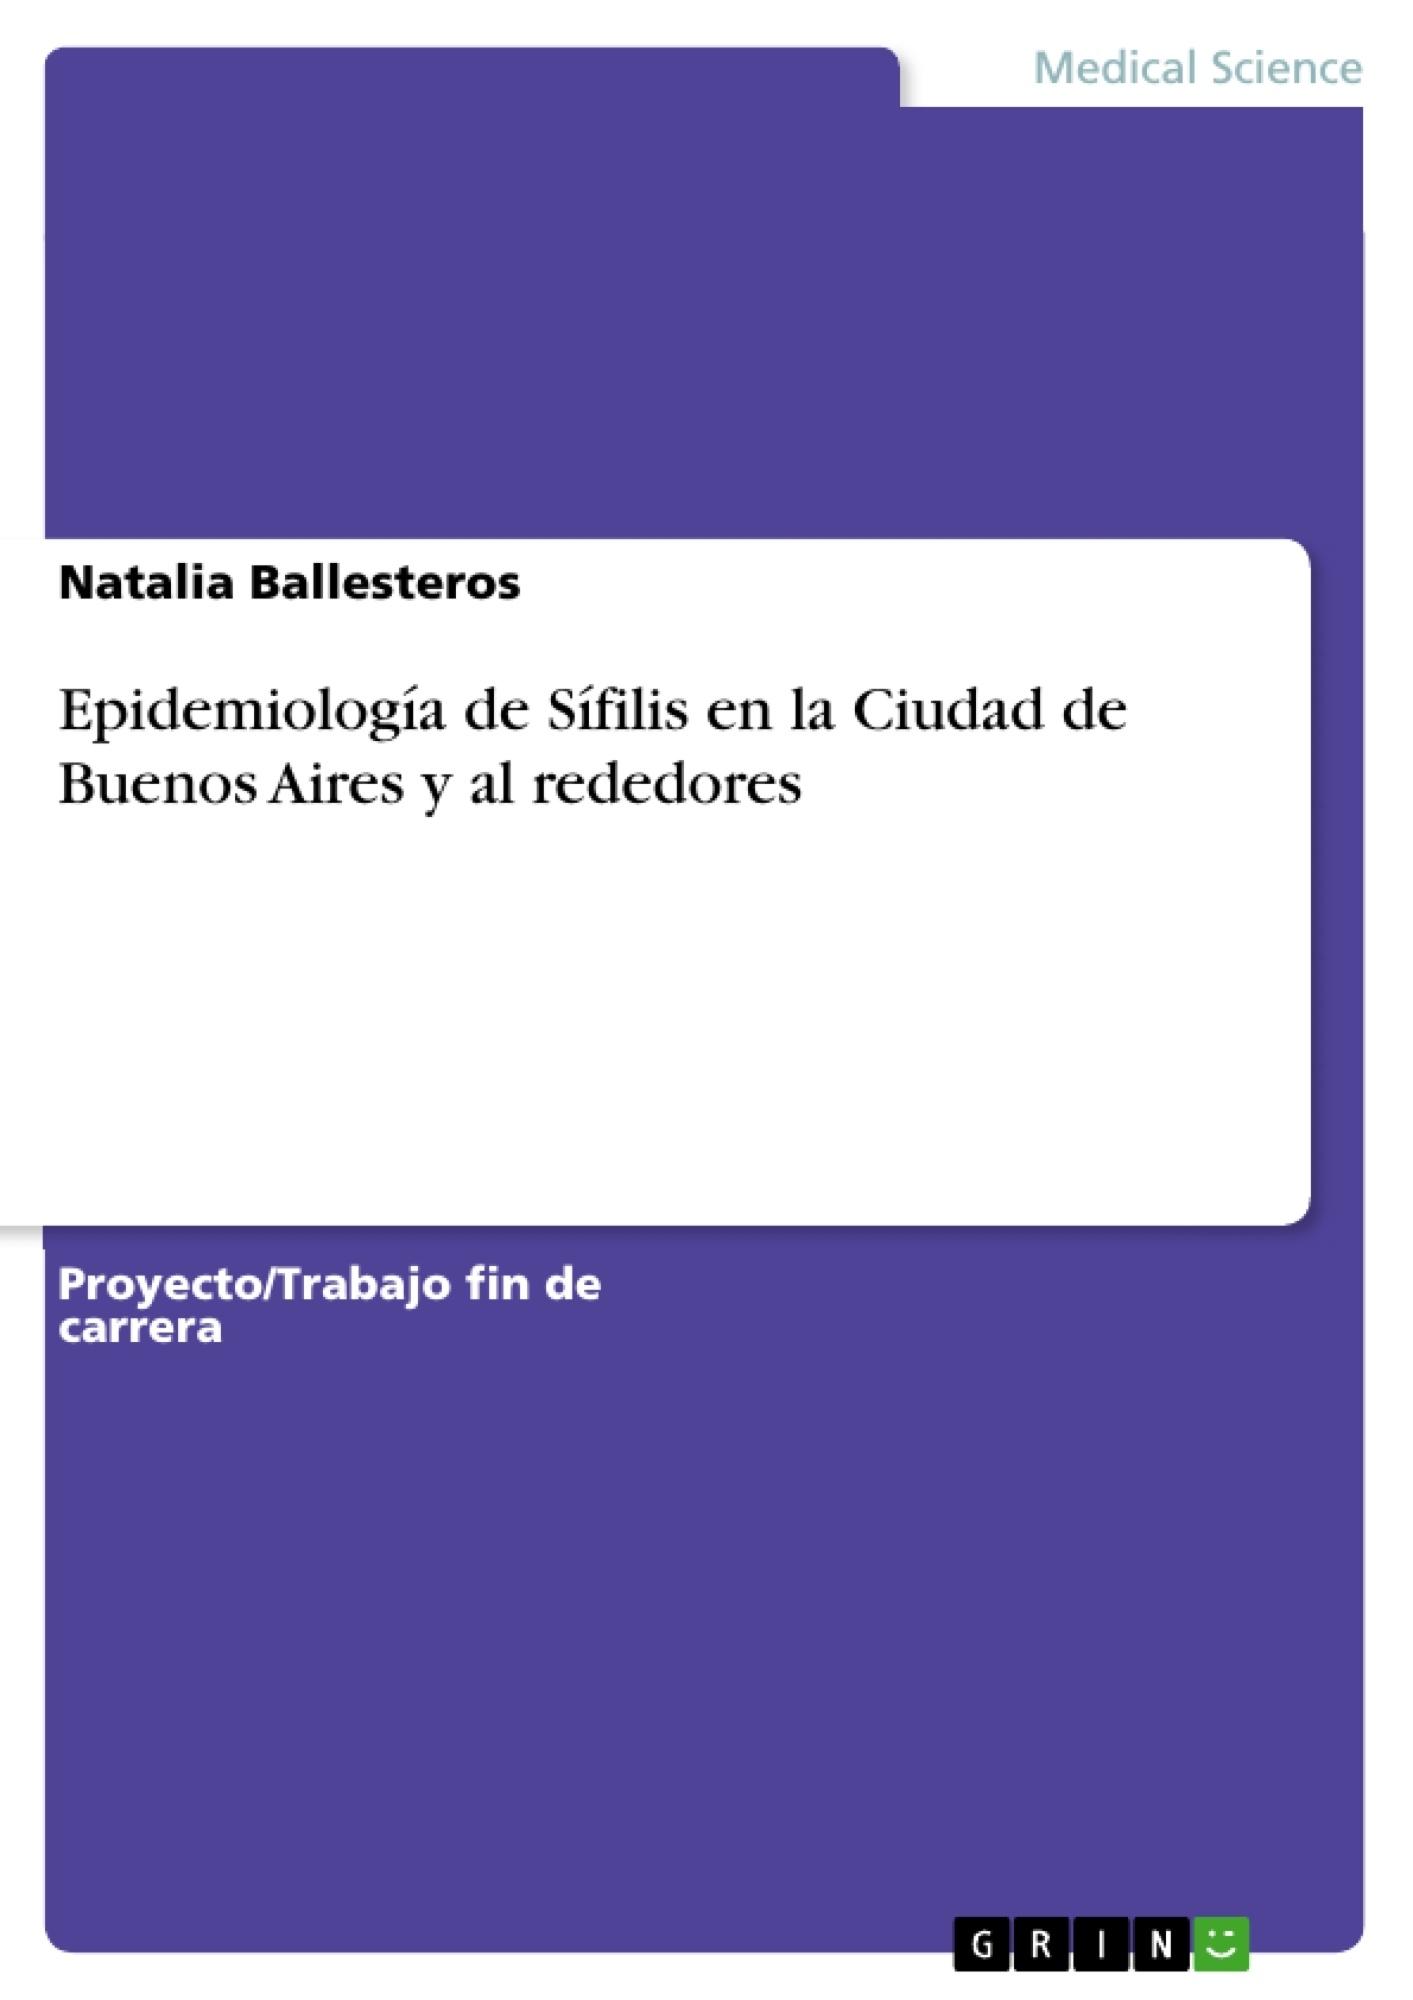 Título: Epidemiología de Sífilis en la Ciudad de Buenos Aires y al rededores